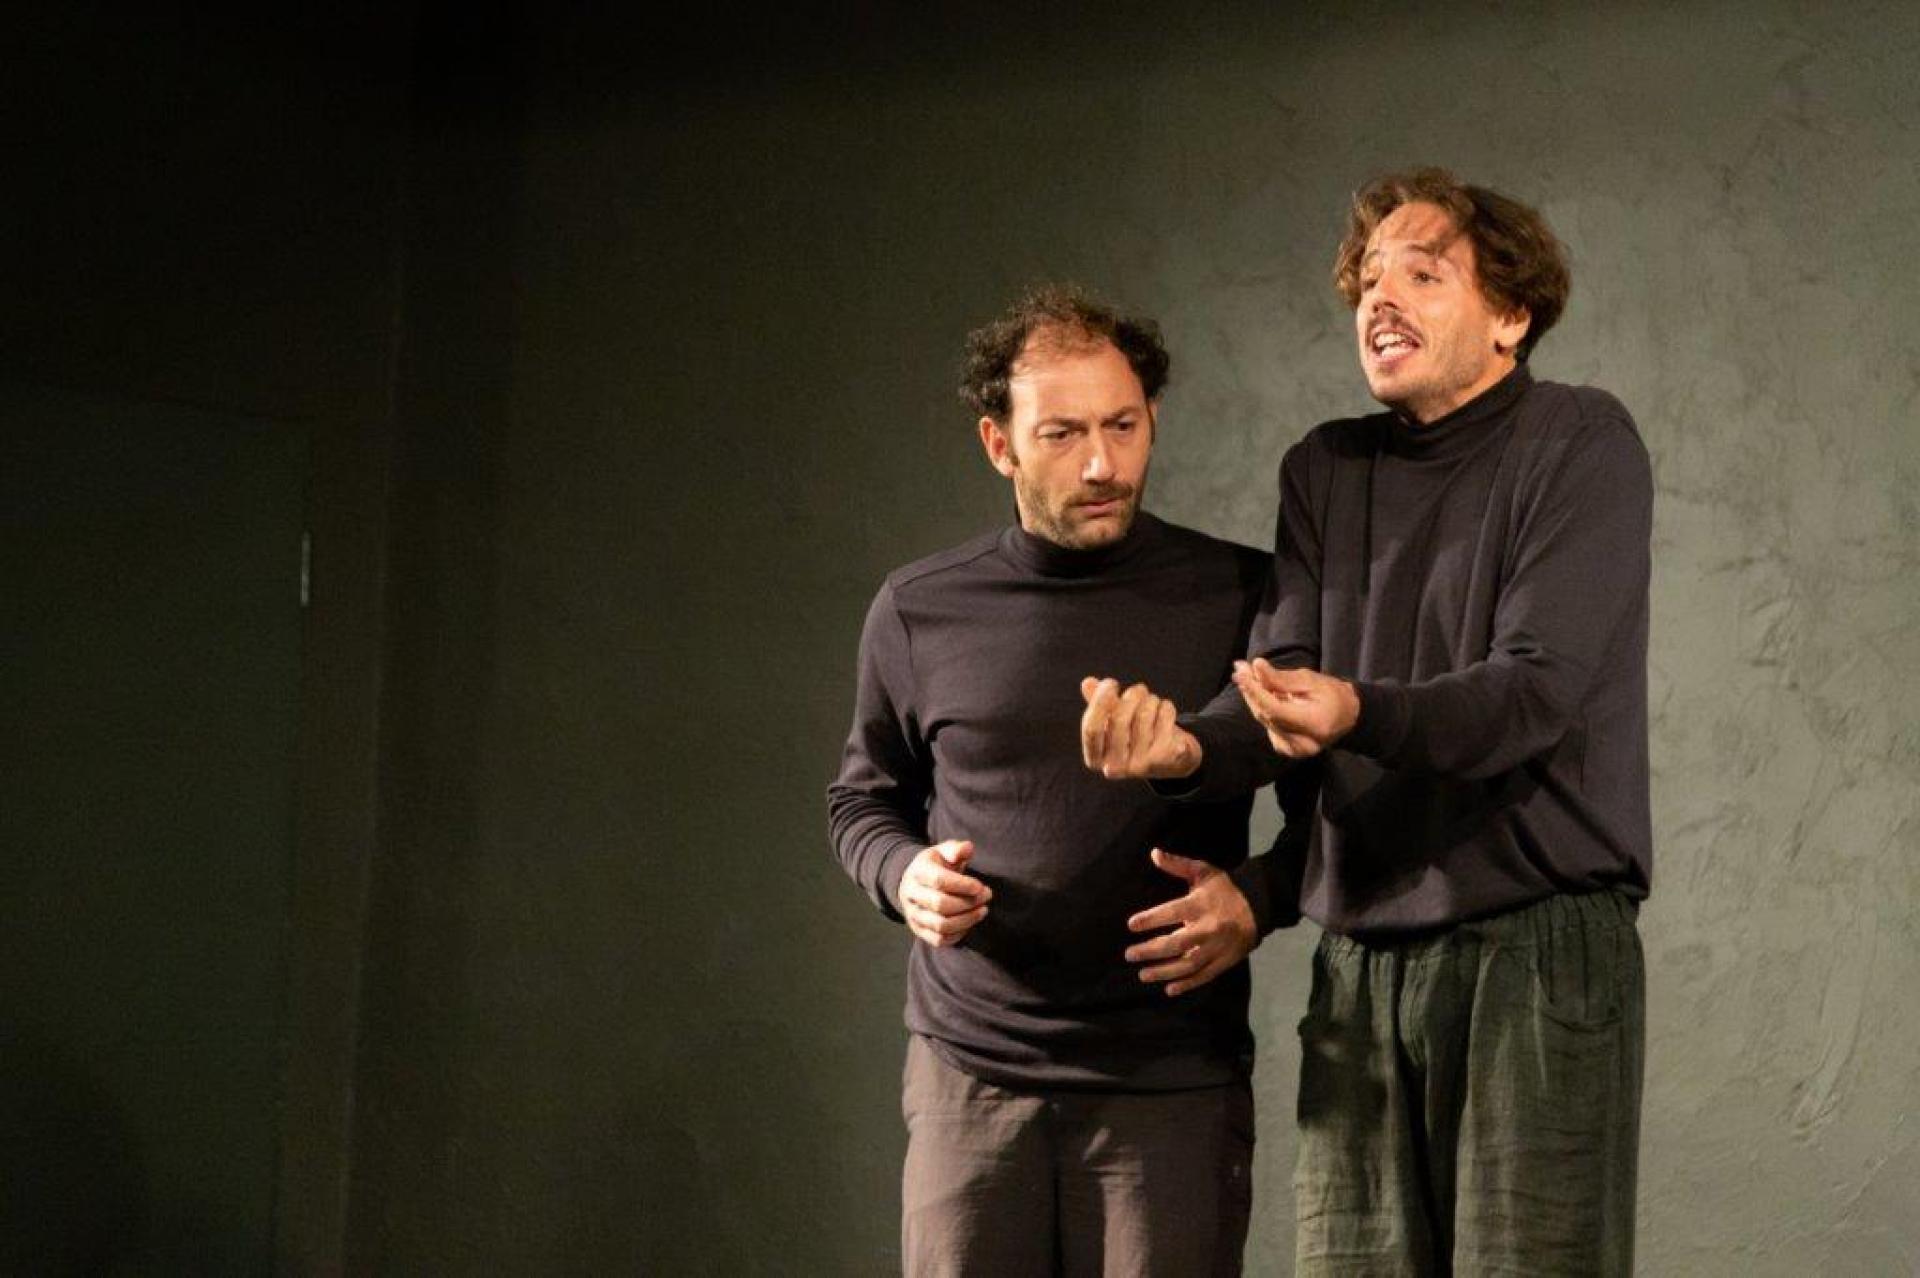 Międzynarodowe Spotkania Teatralne Teatr BEZgranic. Spektakl włoskiego teatru  I Nuovi Scalzi L'Arte della Maschera